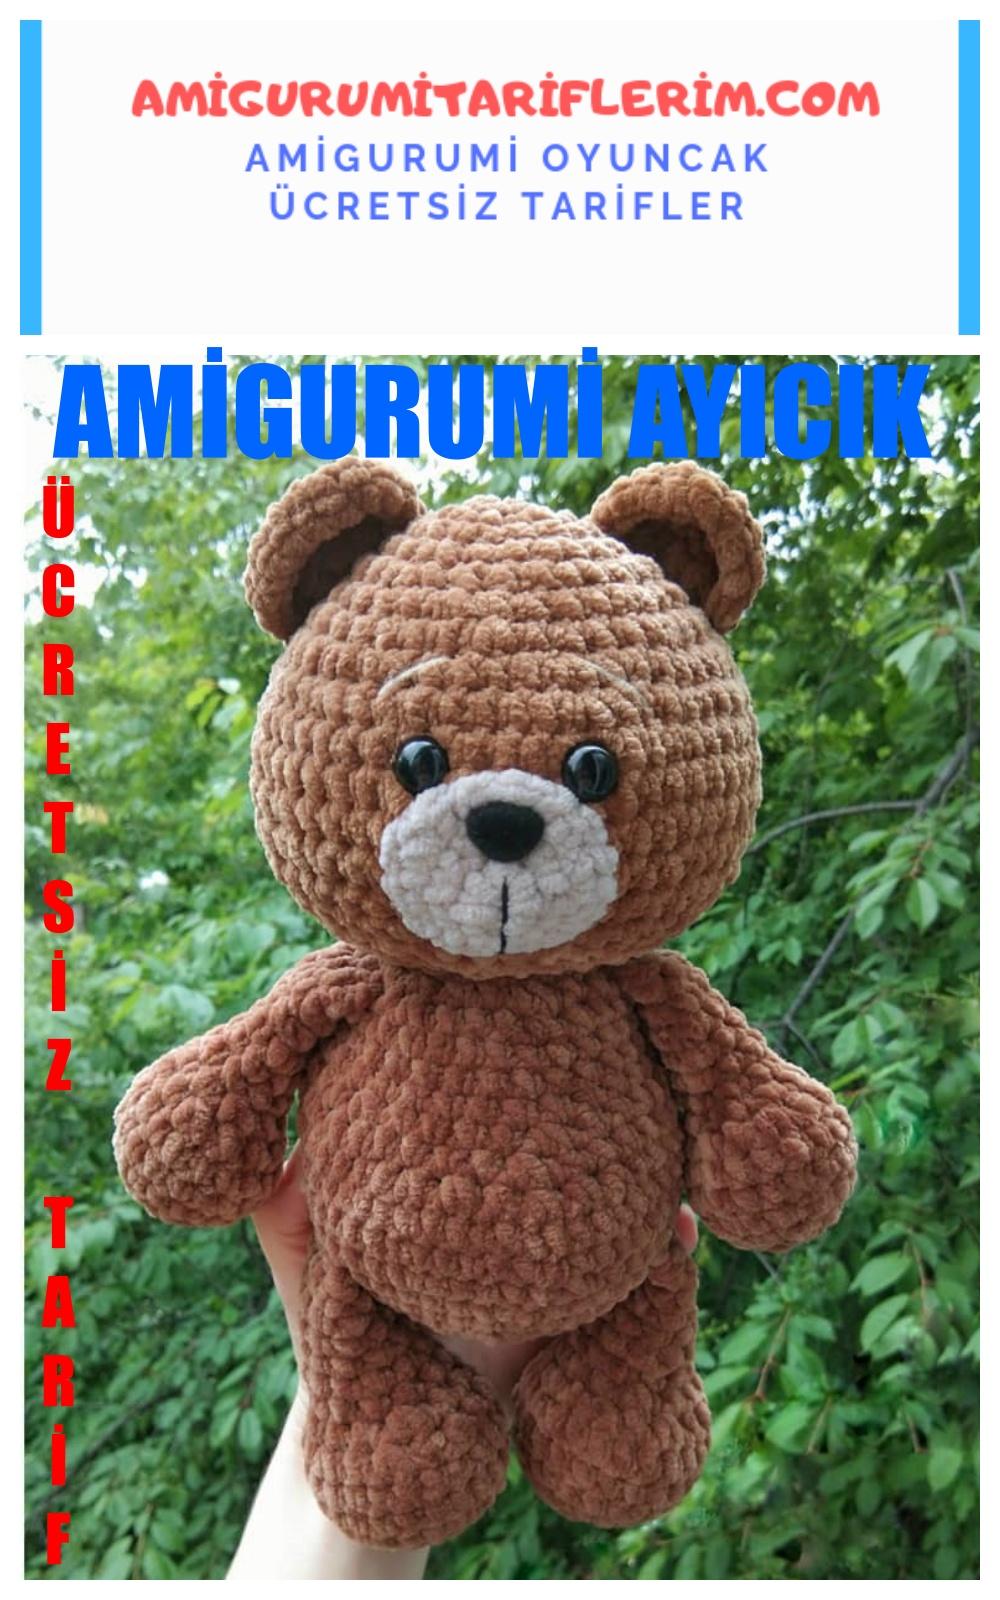 Amigurumi Koza Kelebek Çıngırak Yapımı - Örgü Modelleri | 1600x1000